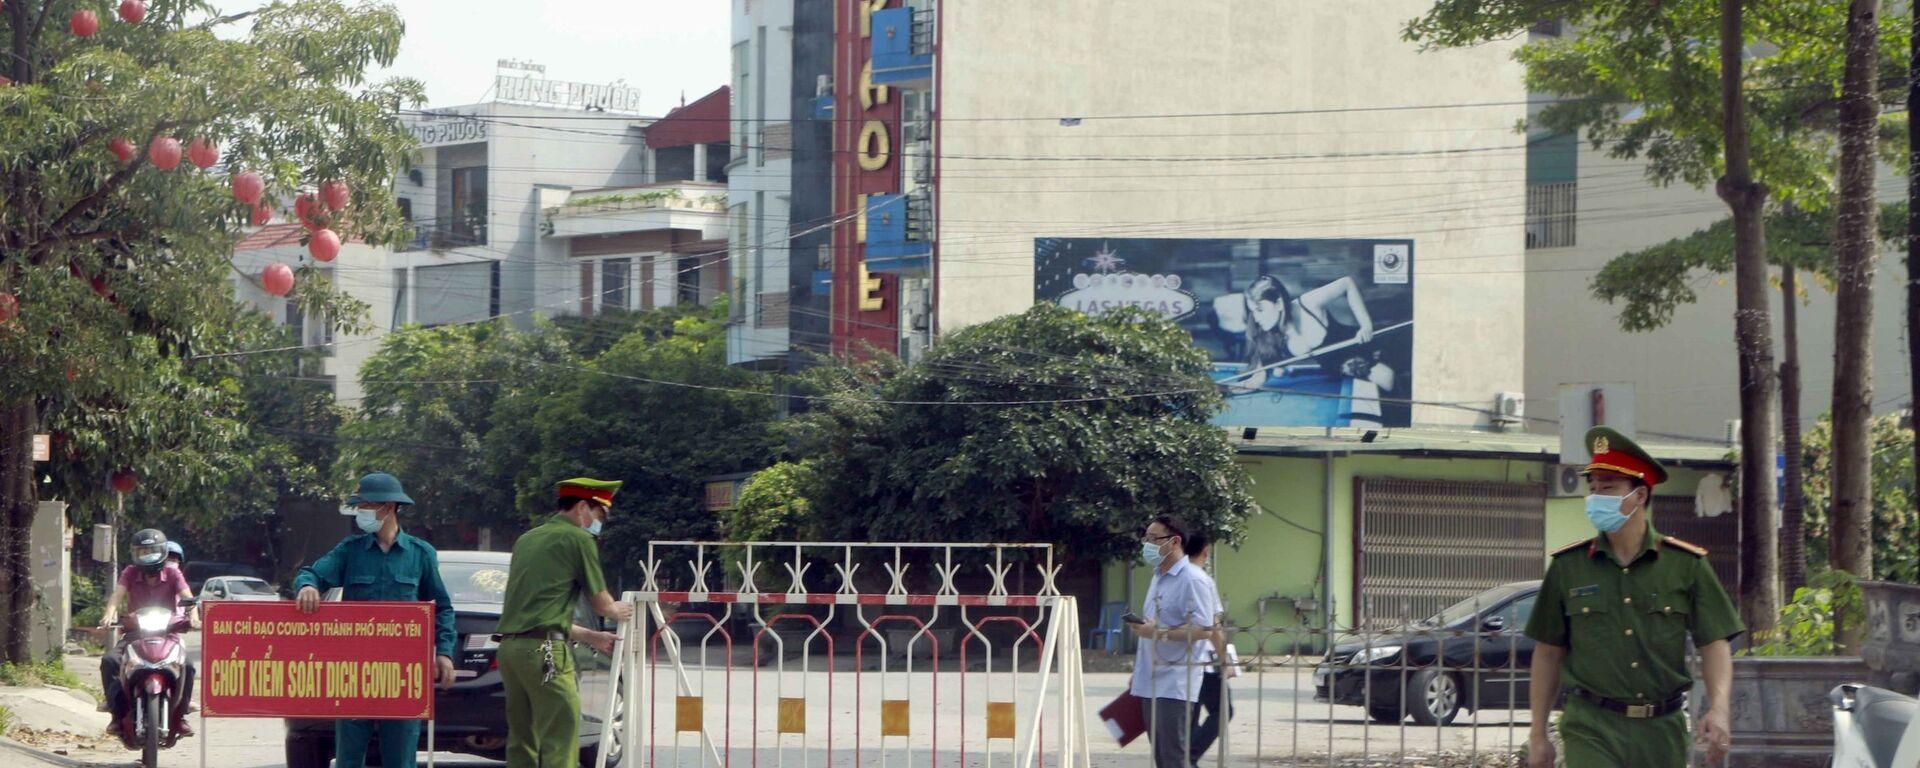 COVID -19: Vĩnh Phúc lập 9 chốt cách ly y tế khu đô thị Đồng Sơn phòng, chống dịch - Sputnik Việt Nam, 1920, 10.05.2021